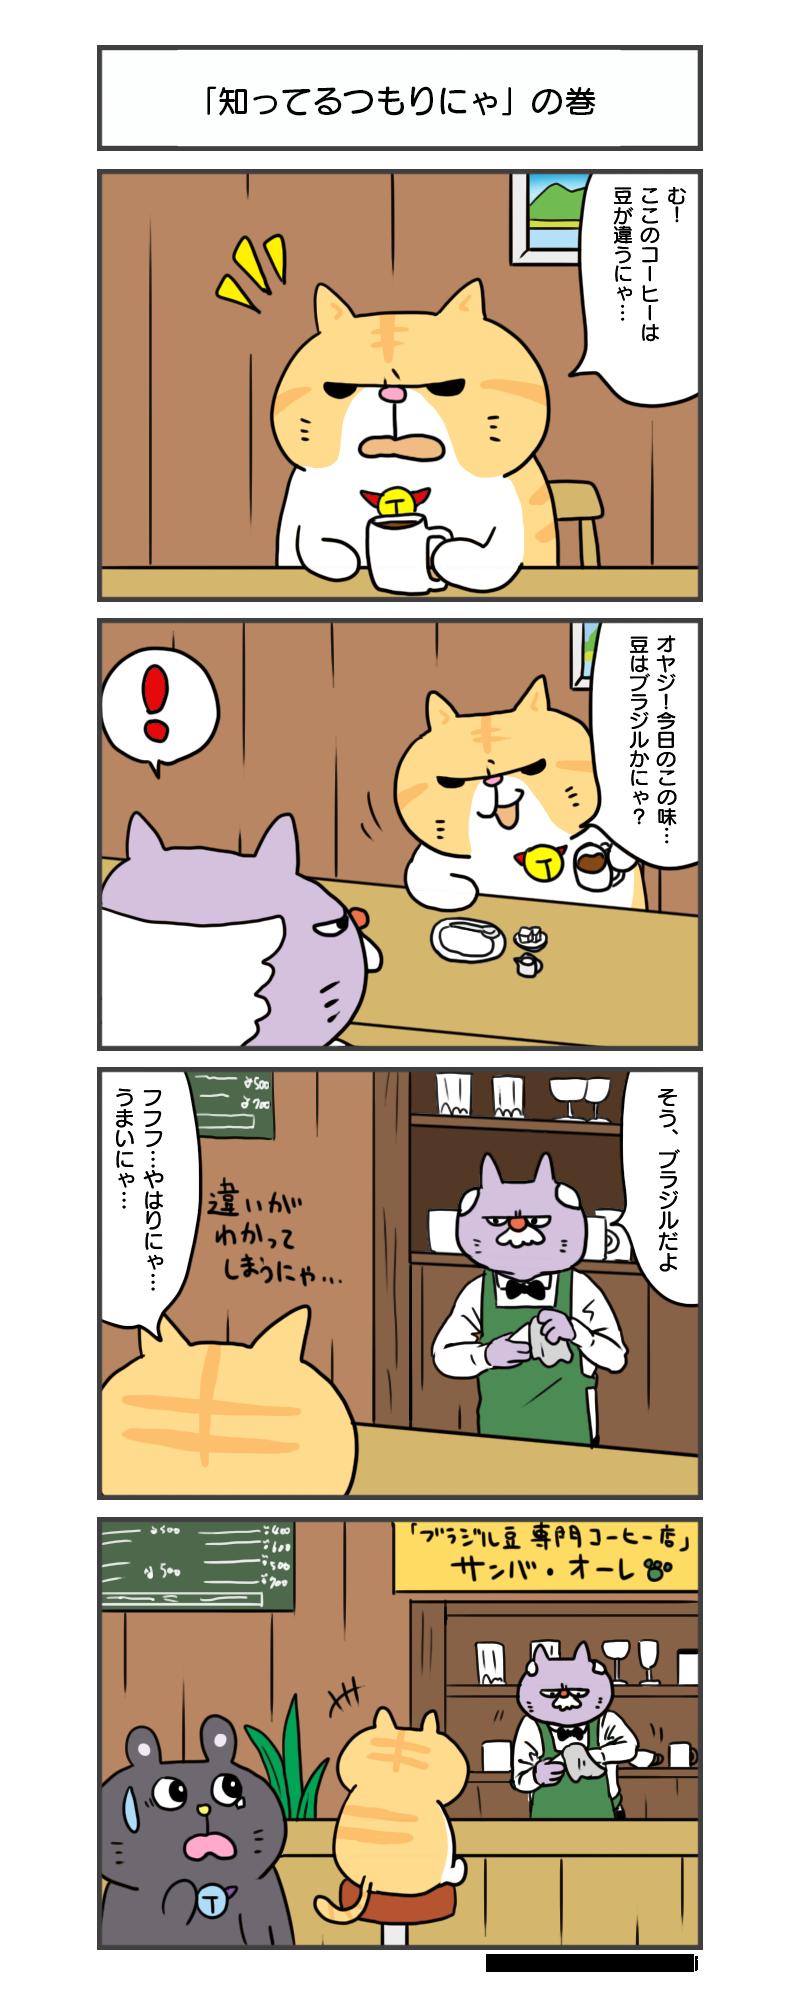 えきぞうmanga_vol.316